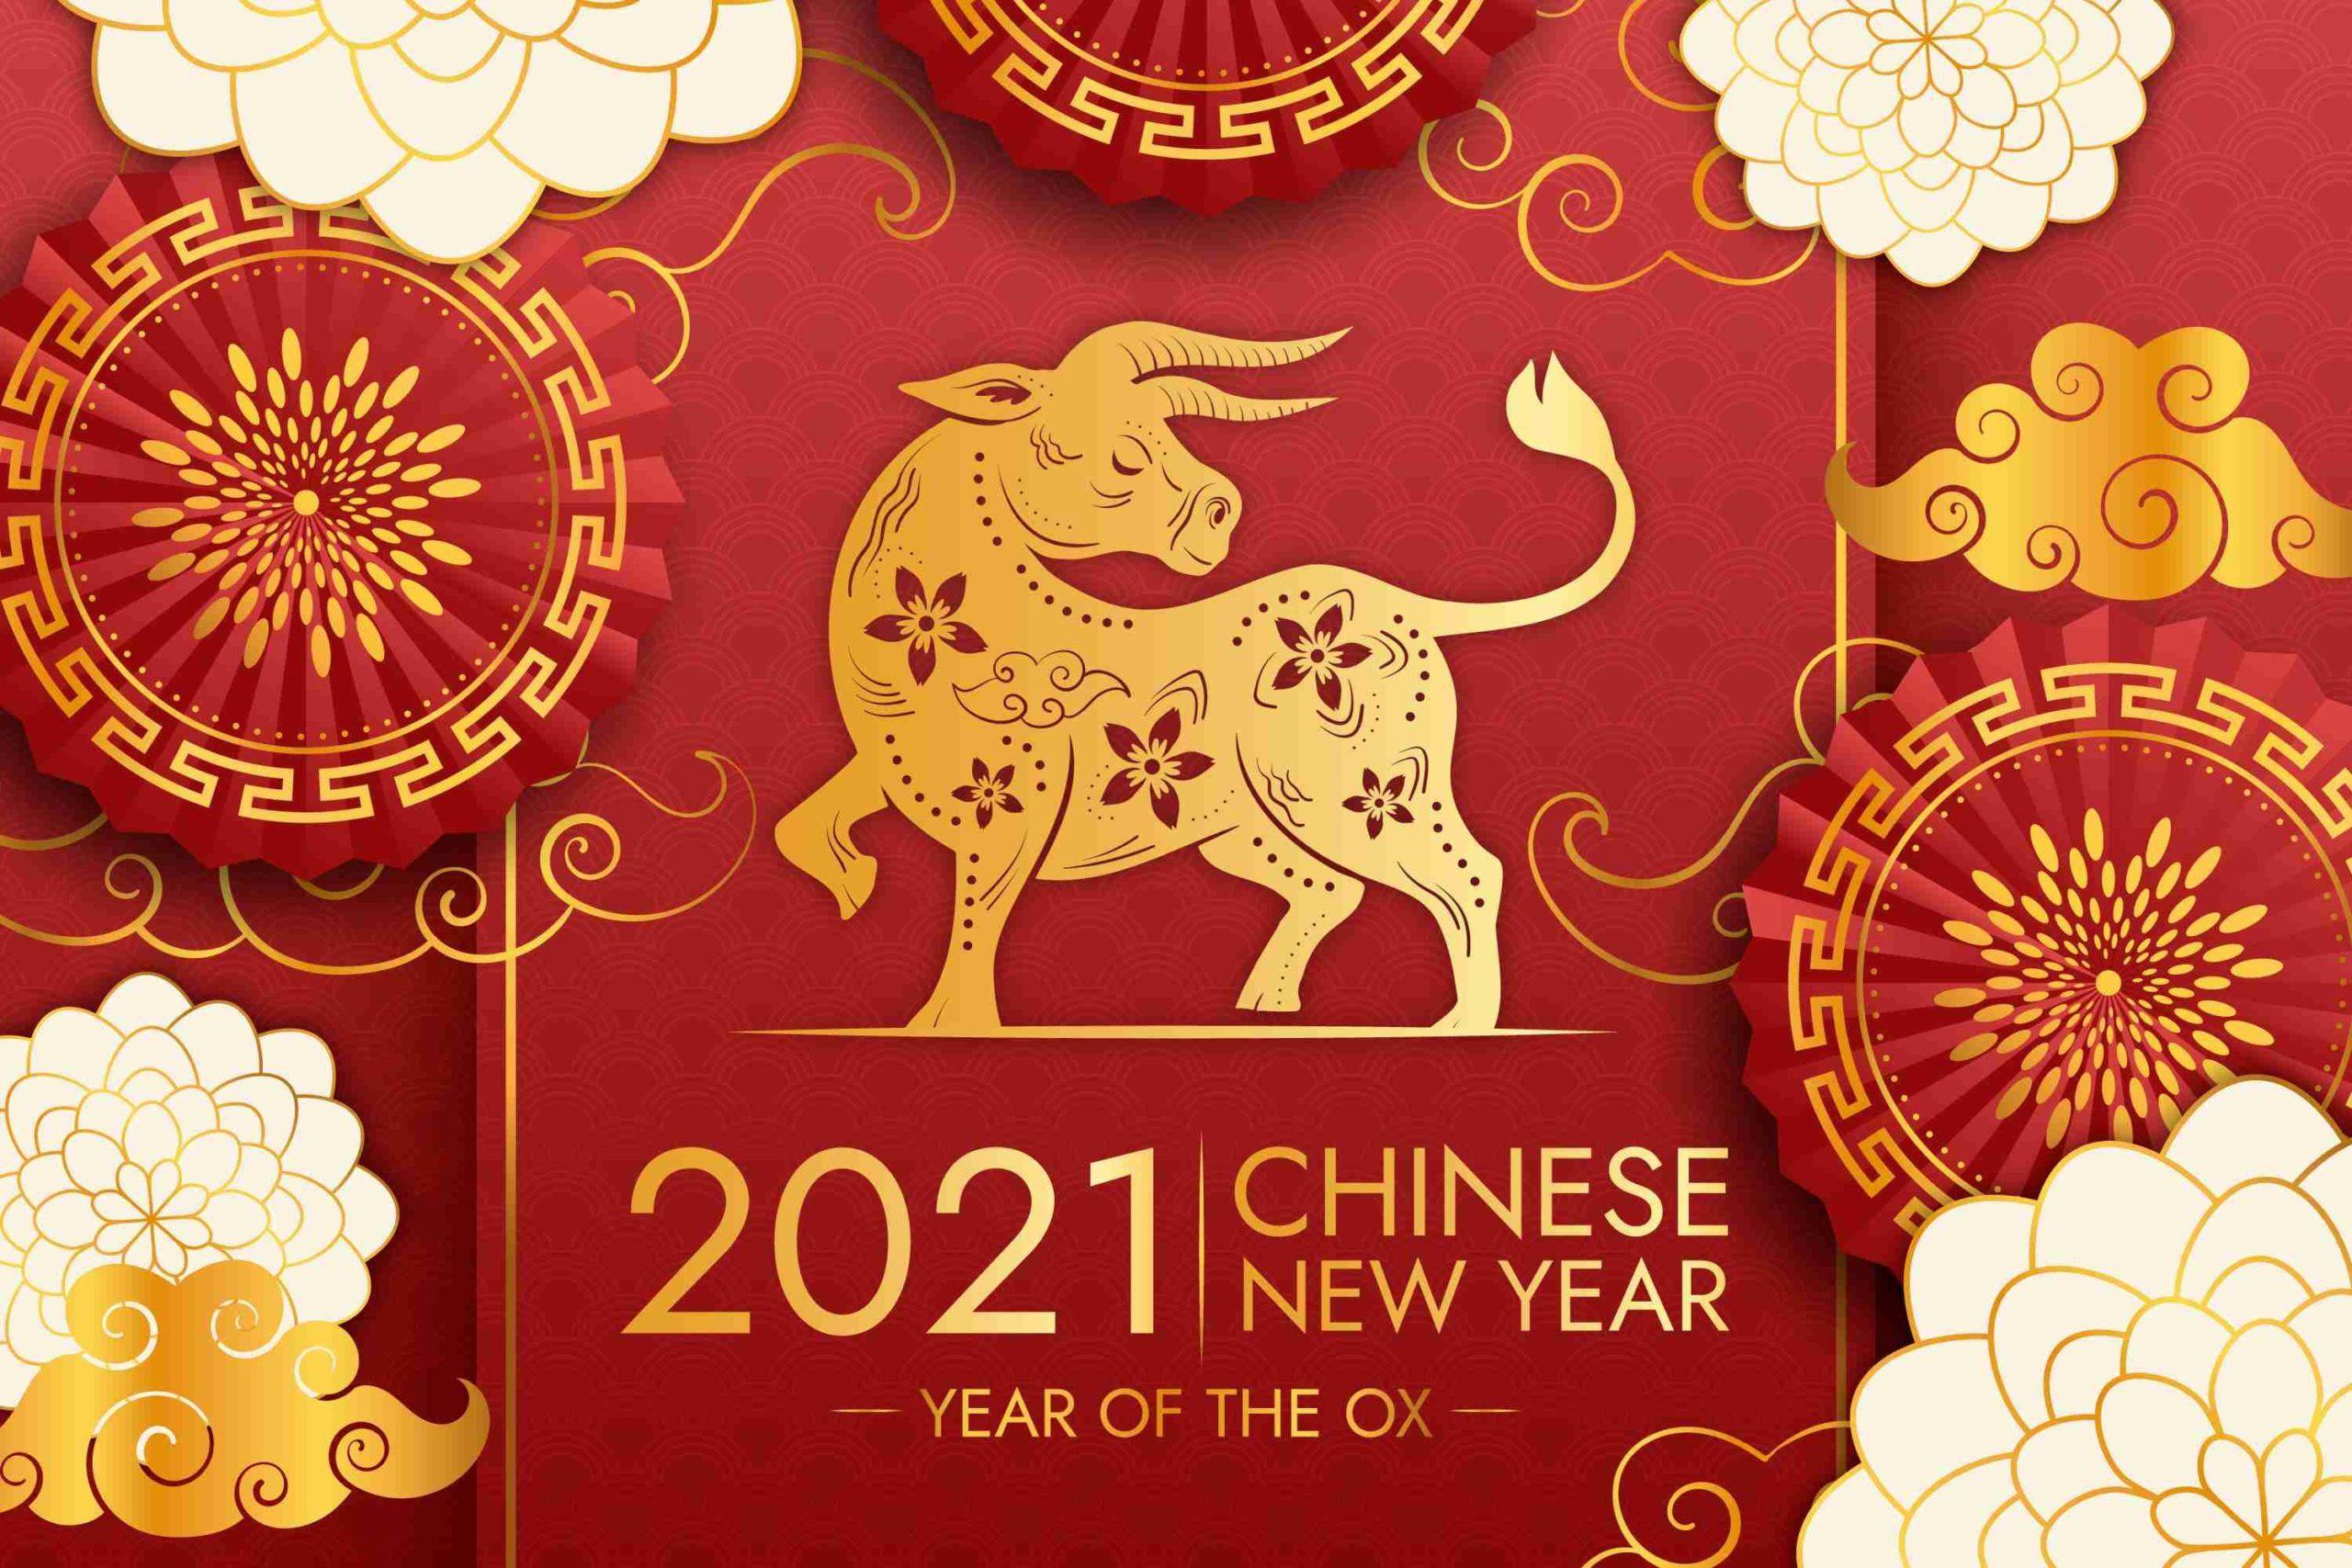 เปิดเคล็ดลับการไหว้ วันตรุษจีน